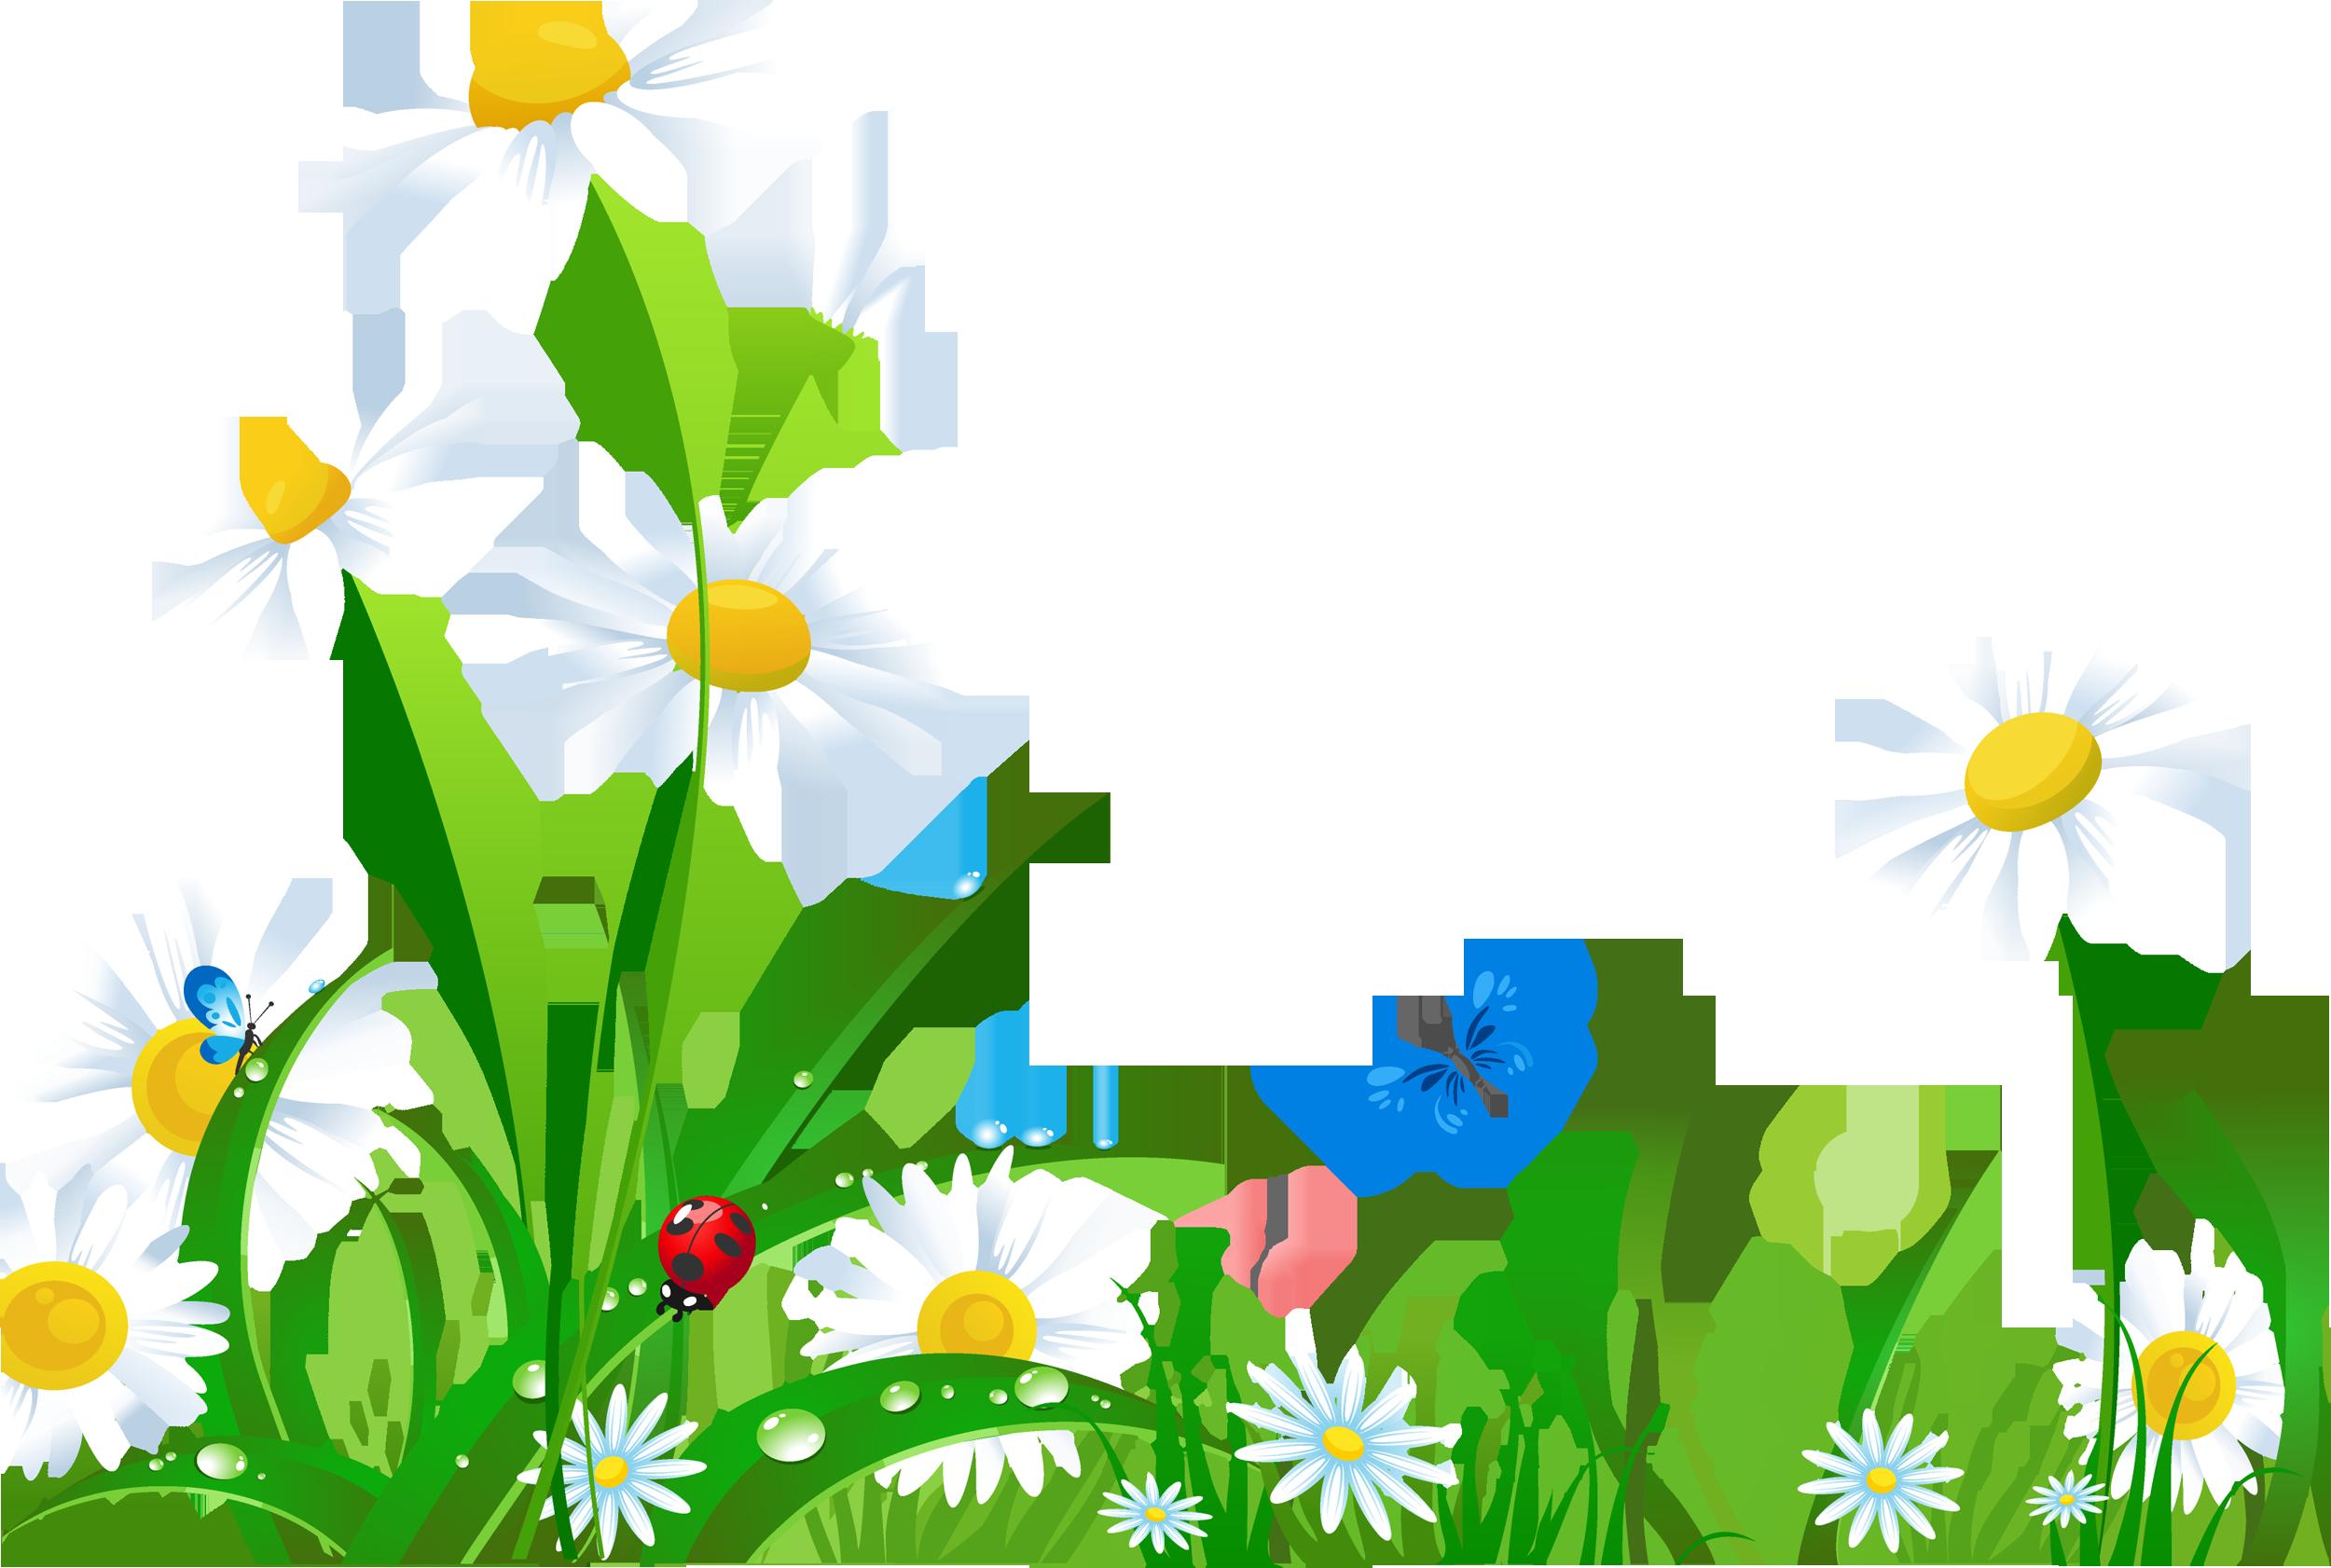 Daisy clipart grass prairie, Daisy grass prairie ... (2500 x 1682 Pixel)